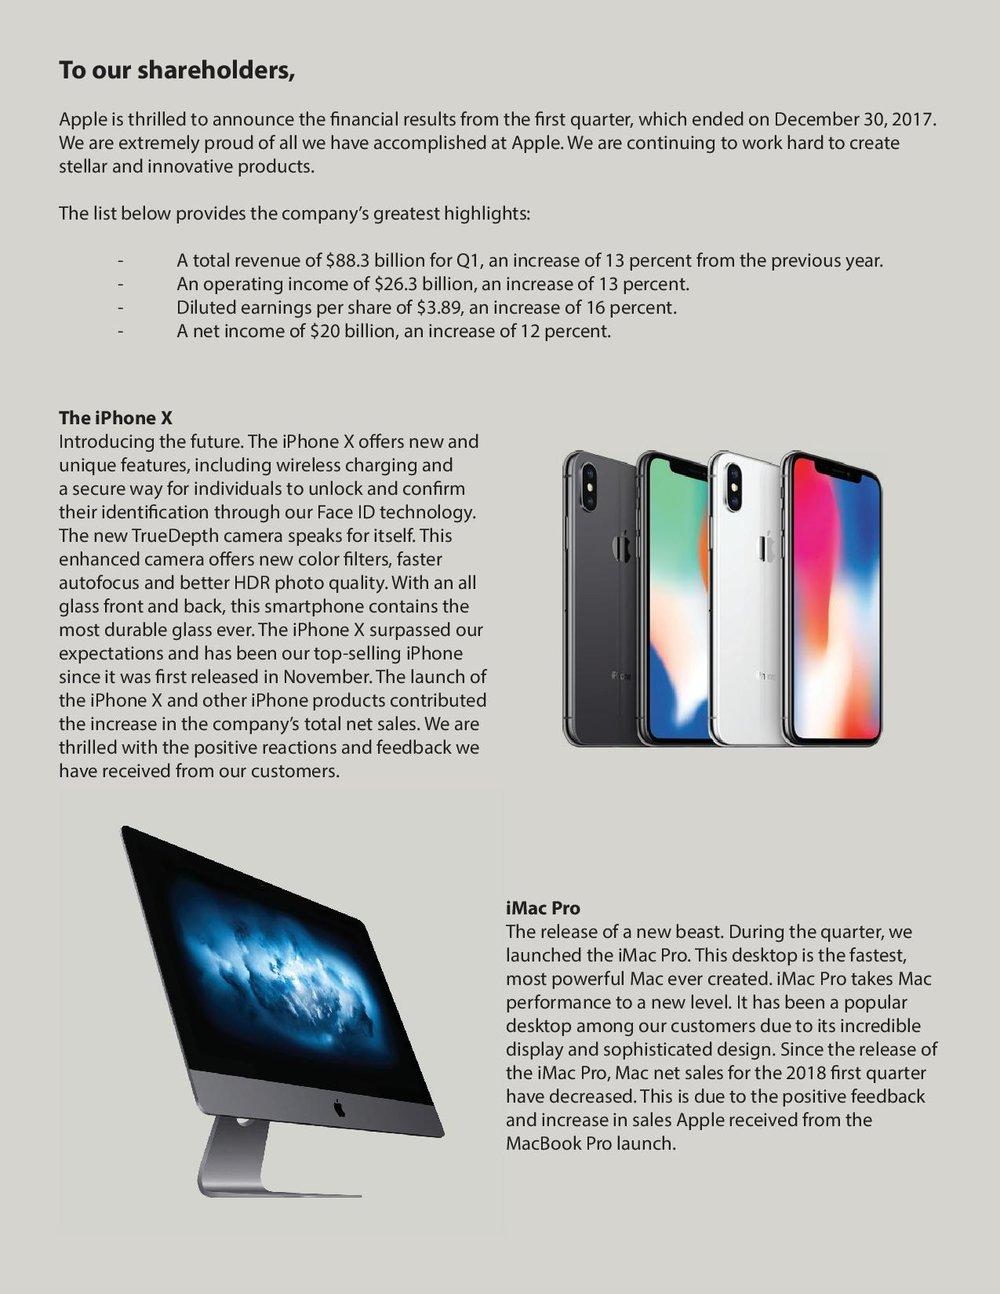 AppleShareholderLetter-page-001.jpg